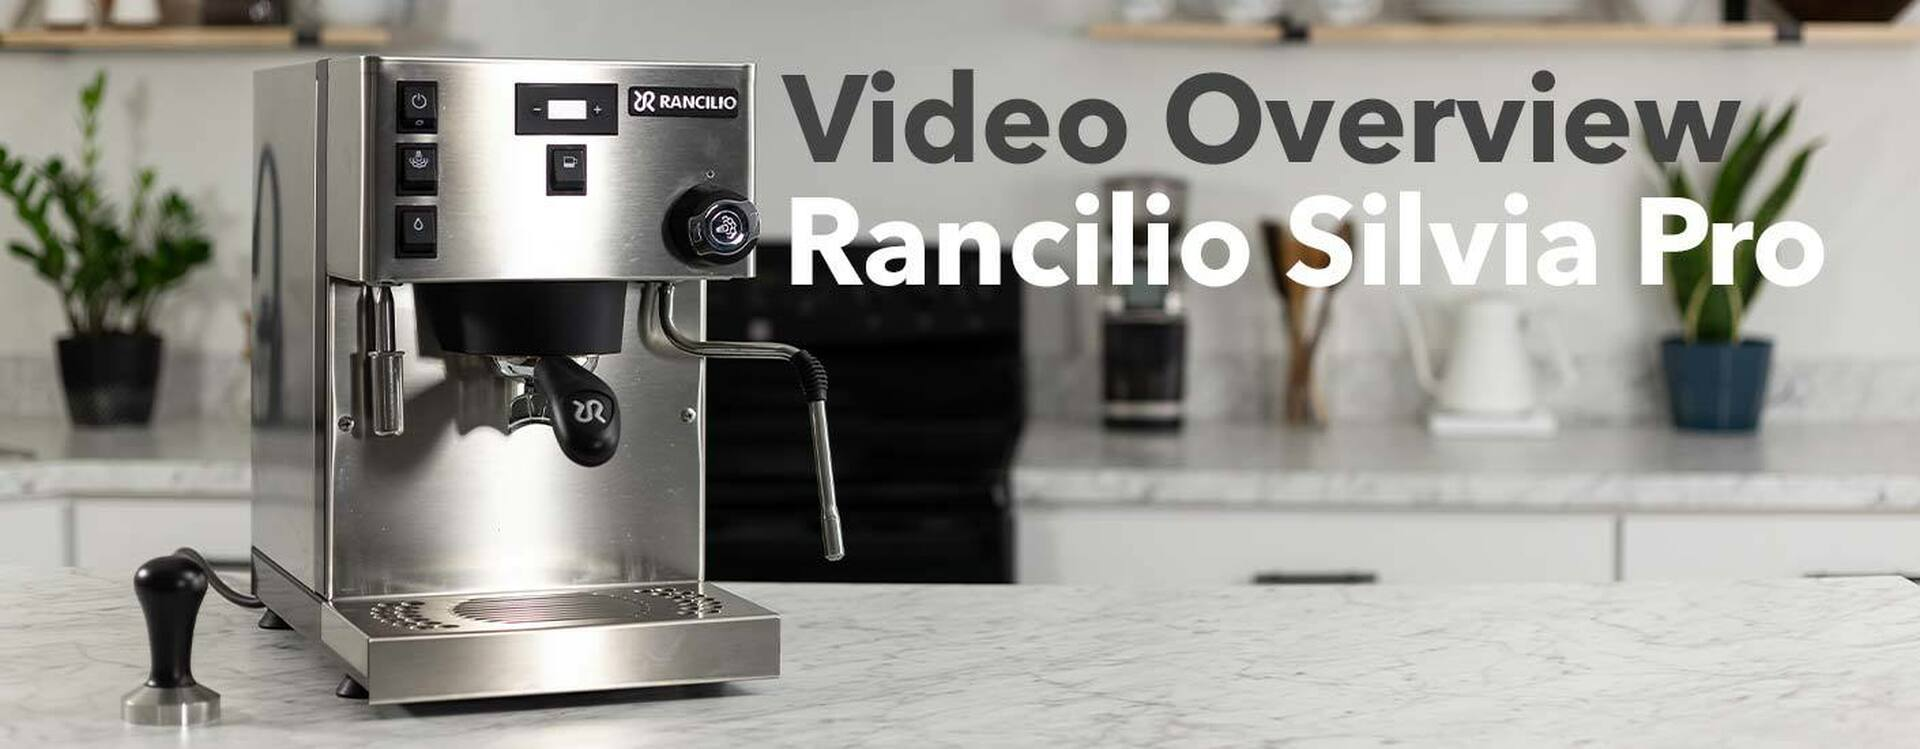 Rancilio Silvia Pro on counter